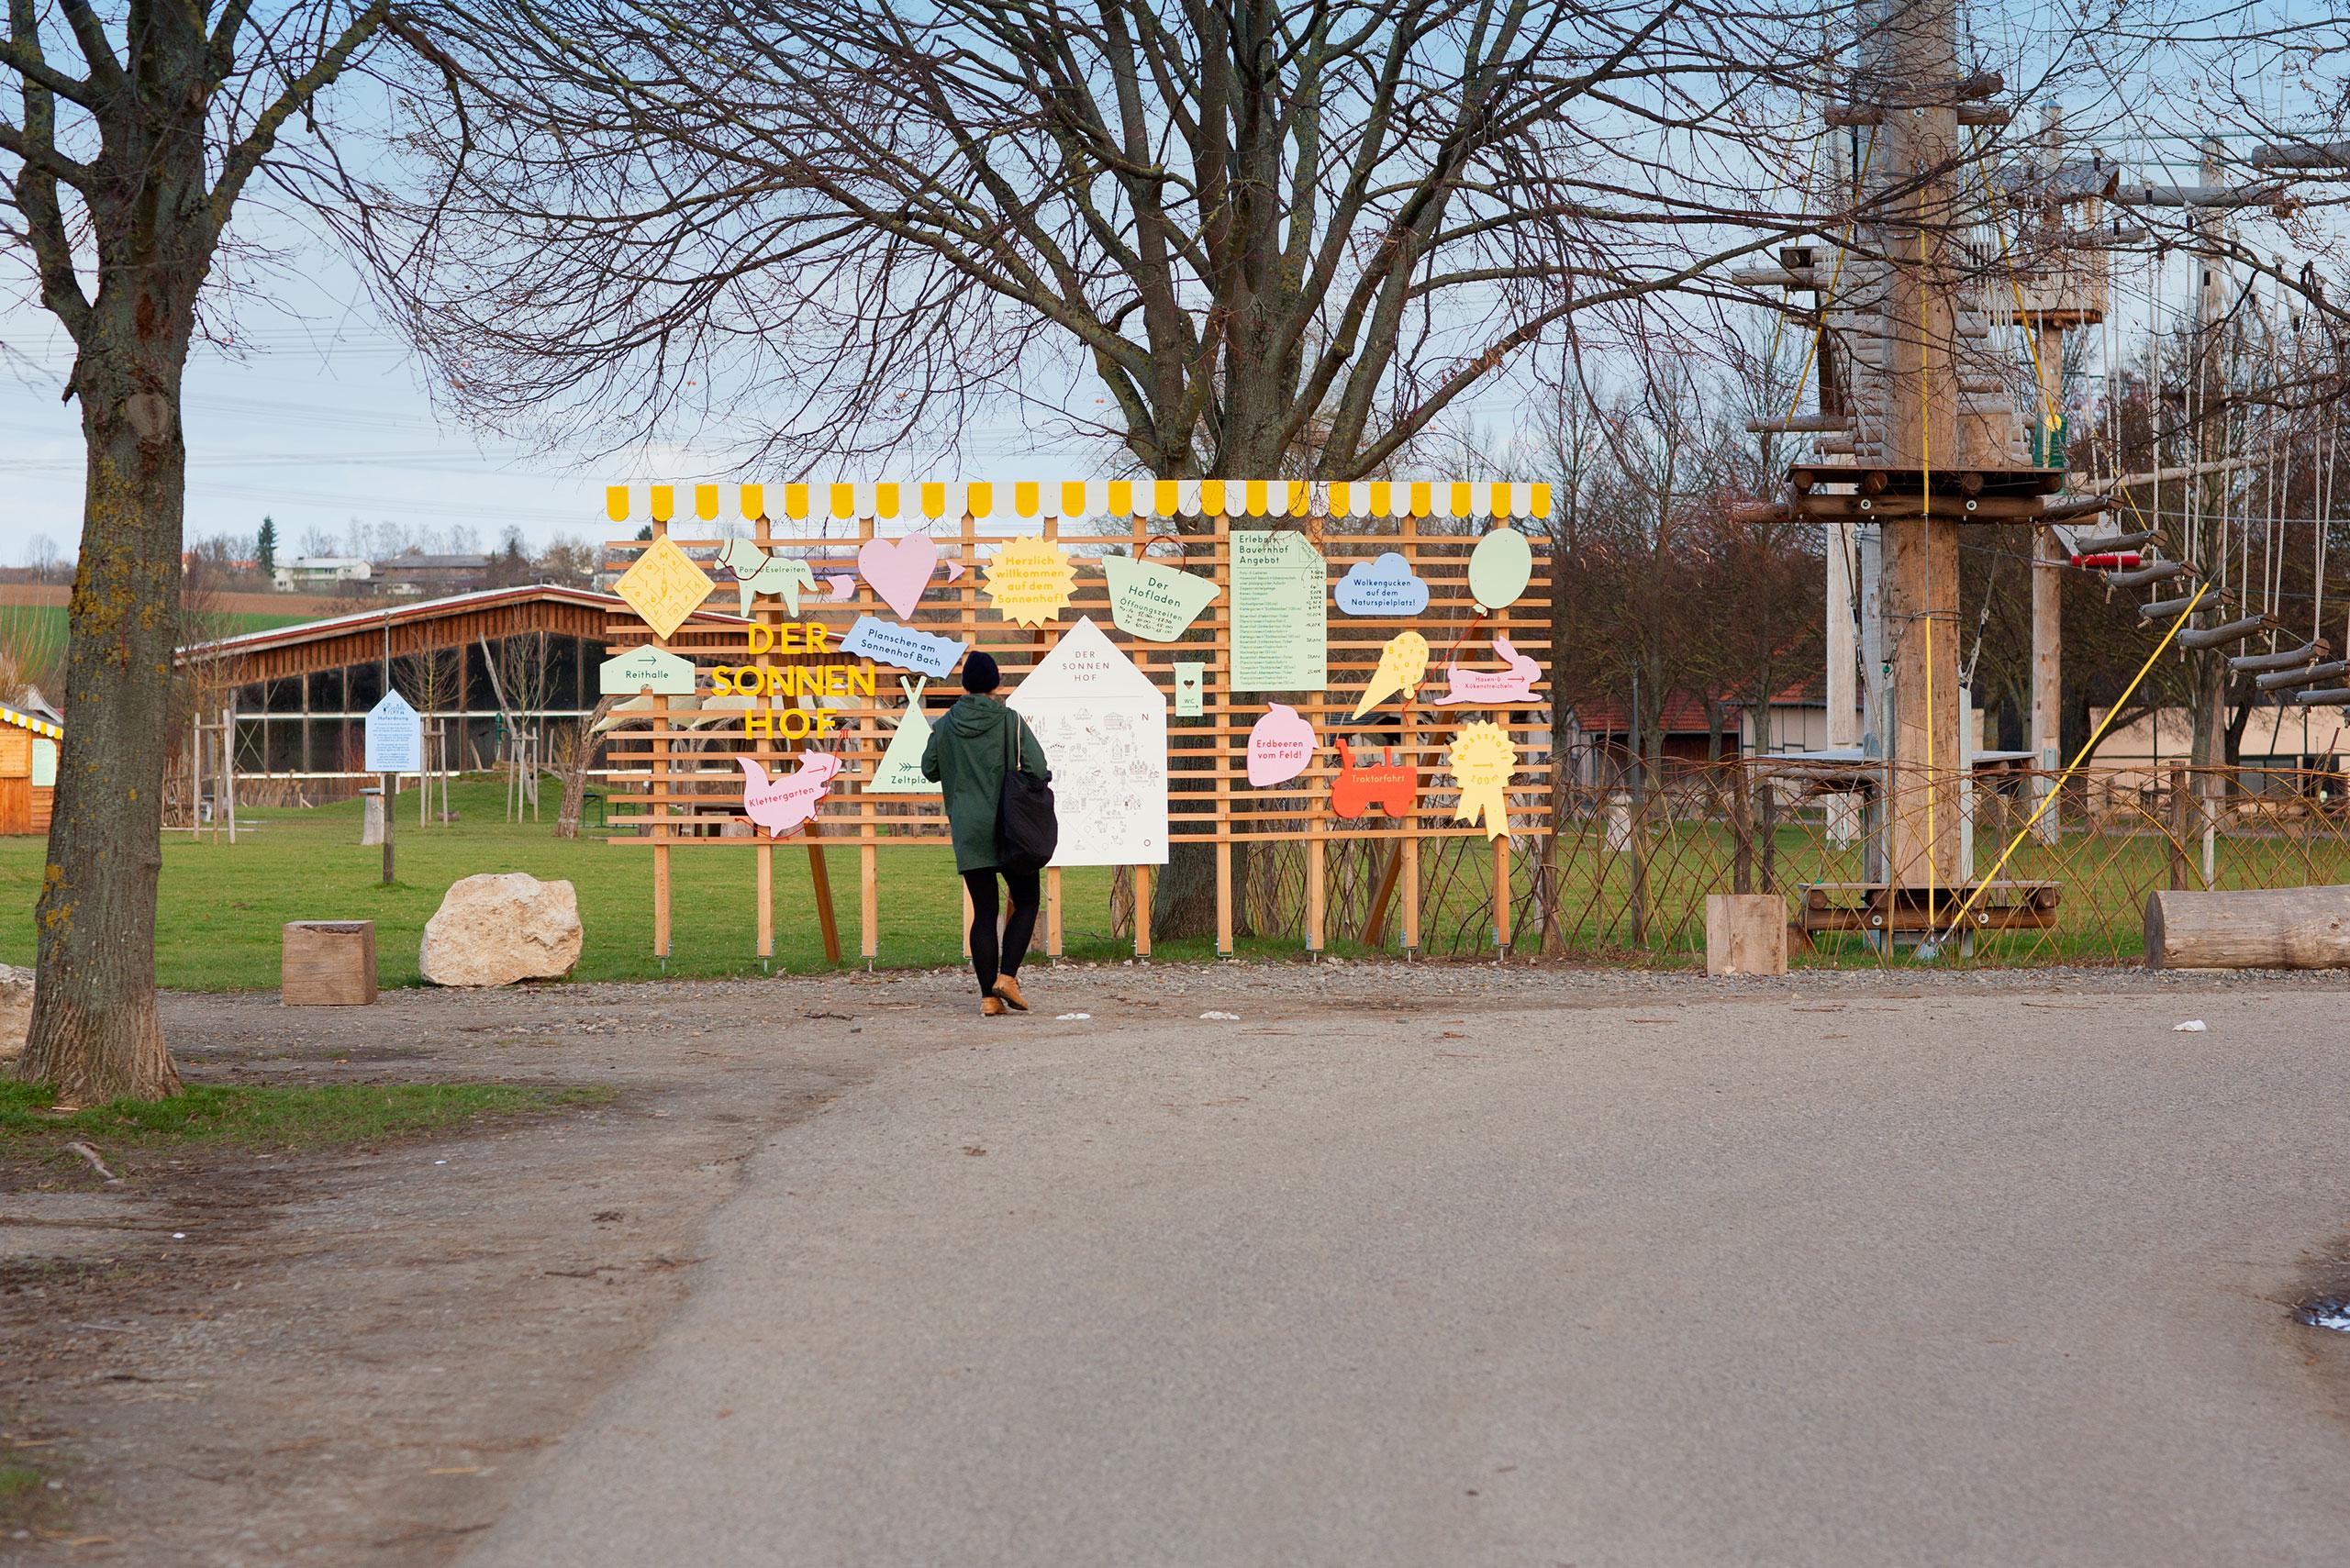 Beschilderung, Schilderwald, Spalier, Bauernhof